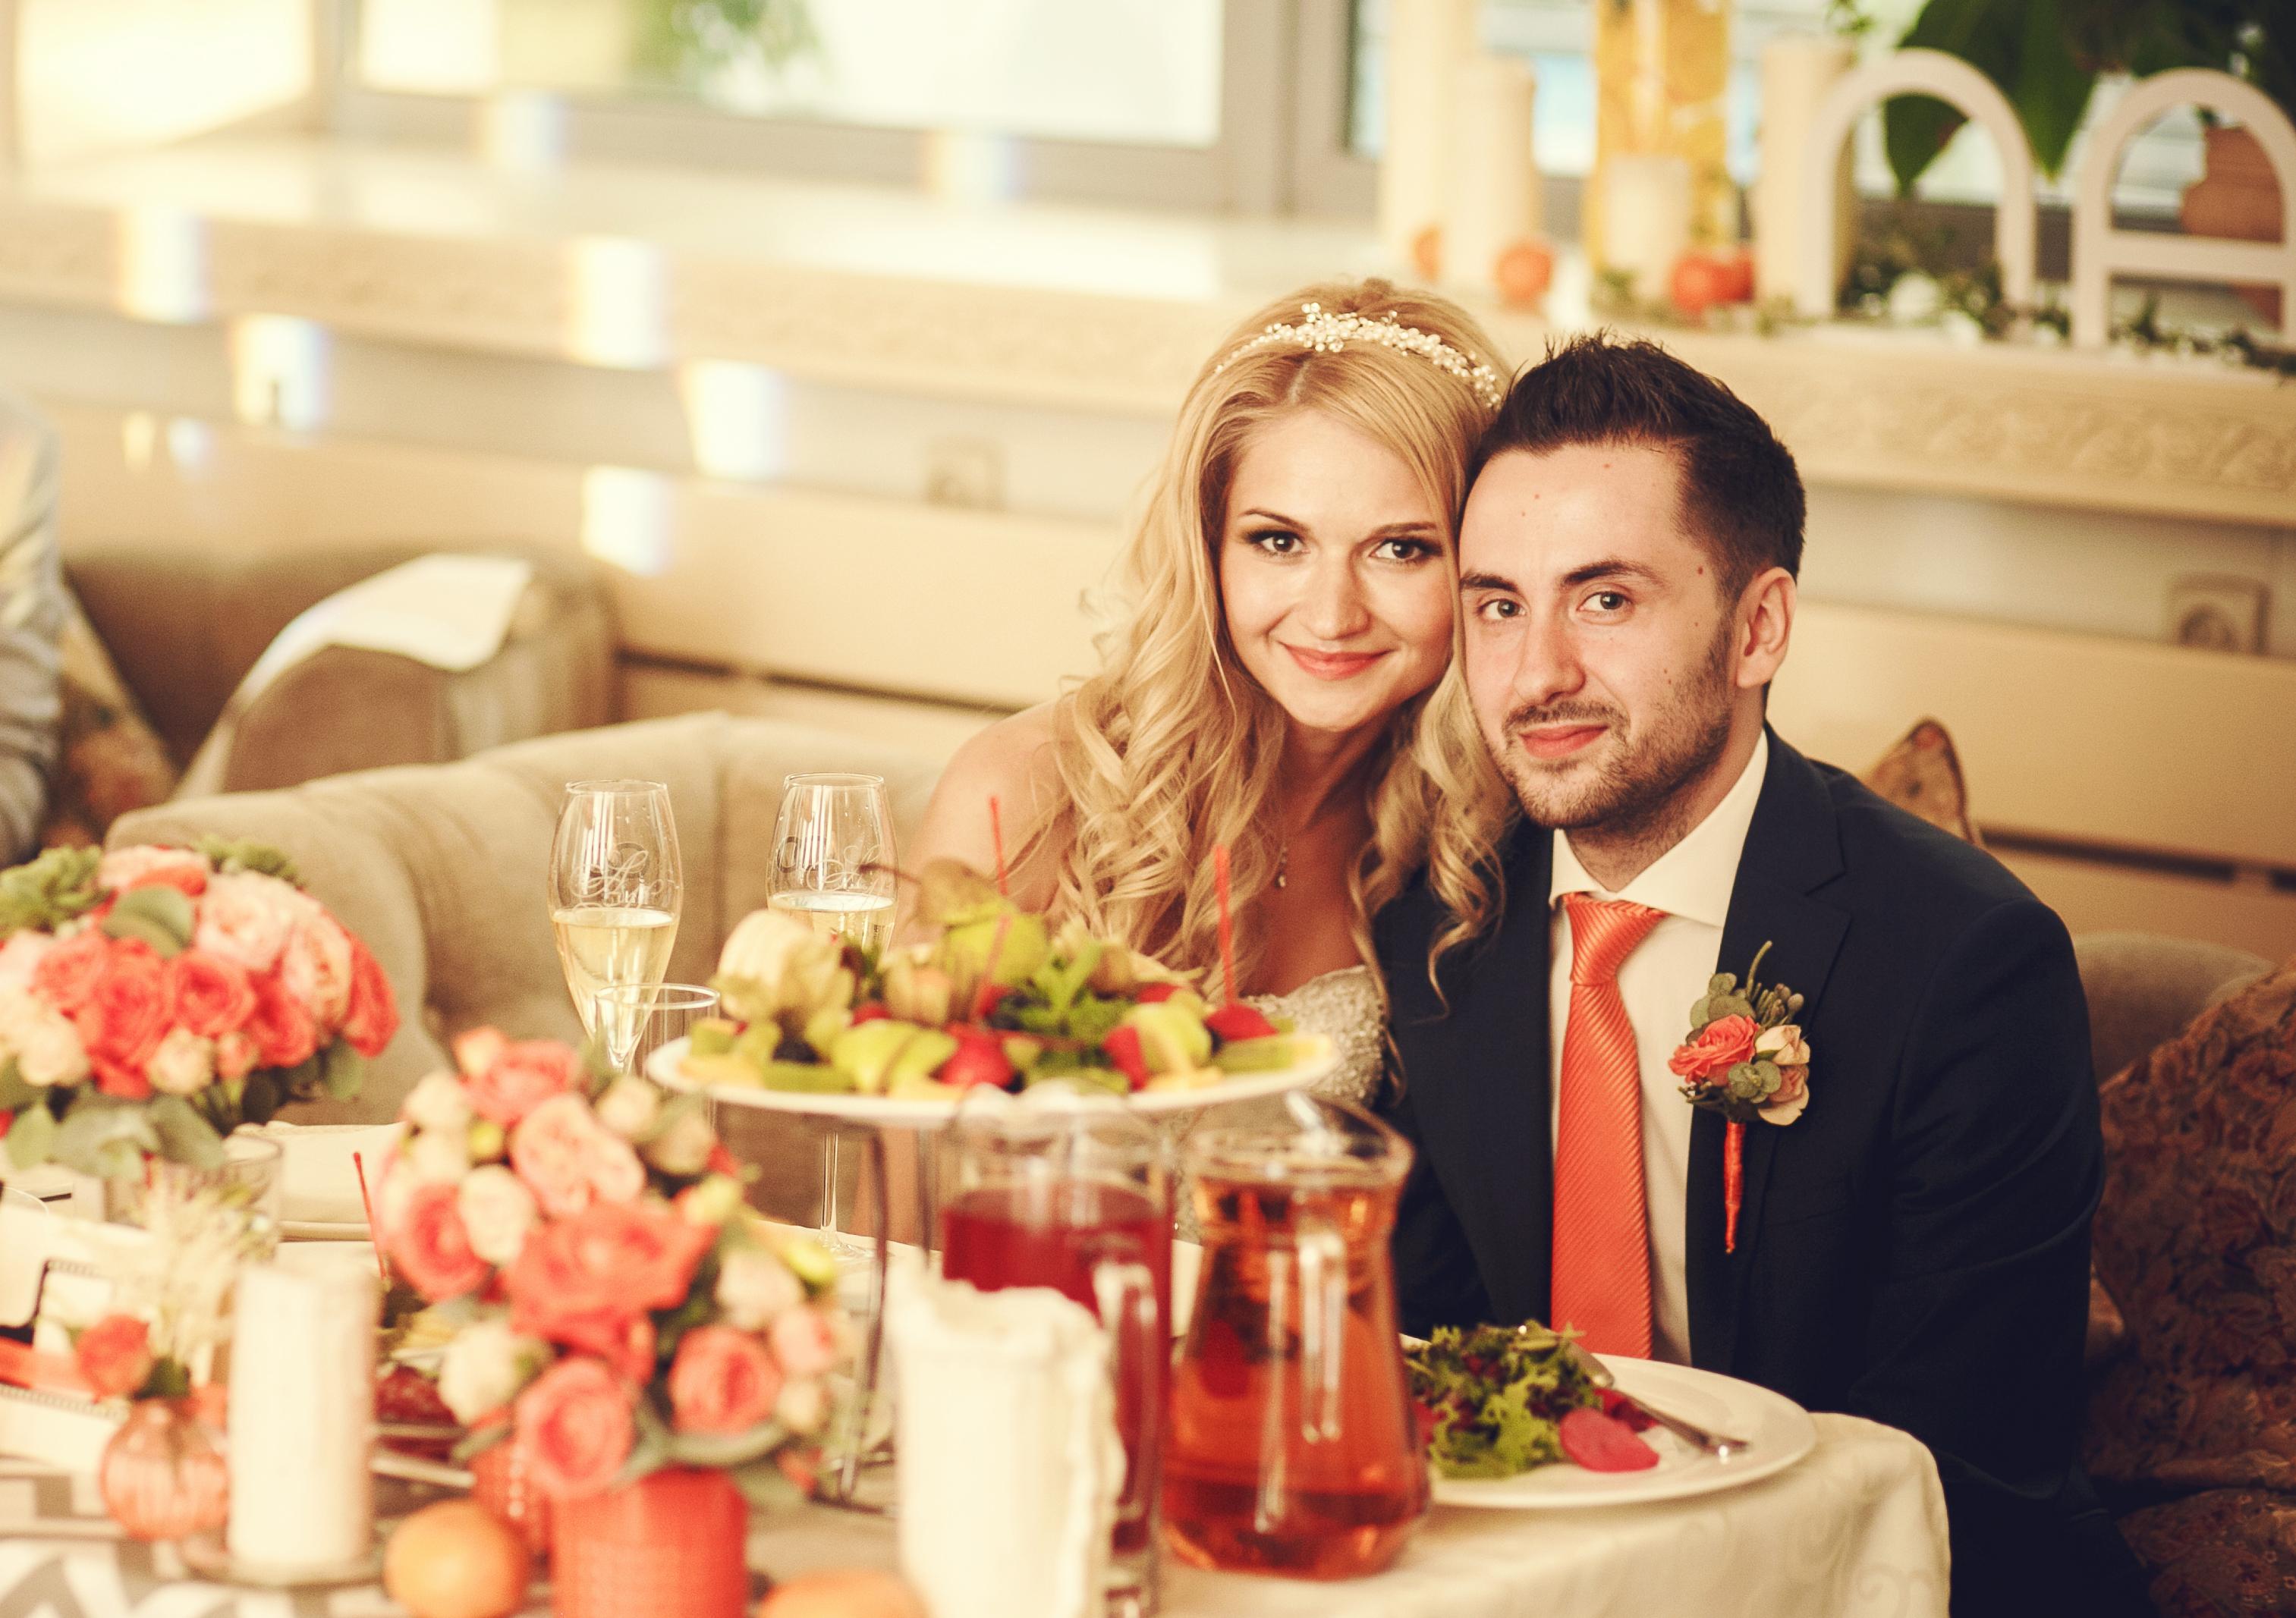 Фото 4 свадьба в Москве в оранжевом цвете | ведущая свадьбы - Катрин Моро